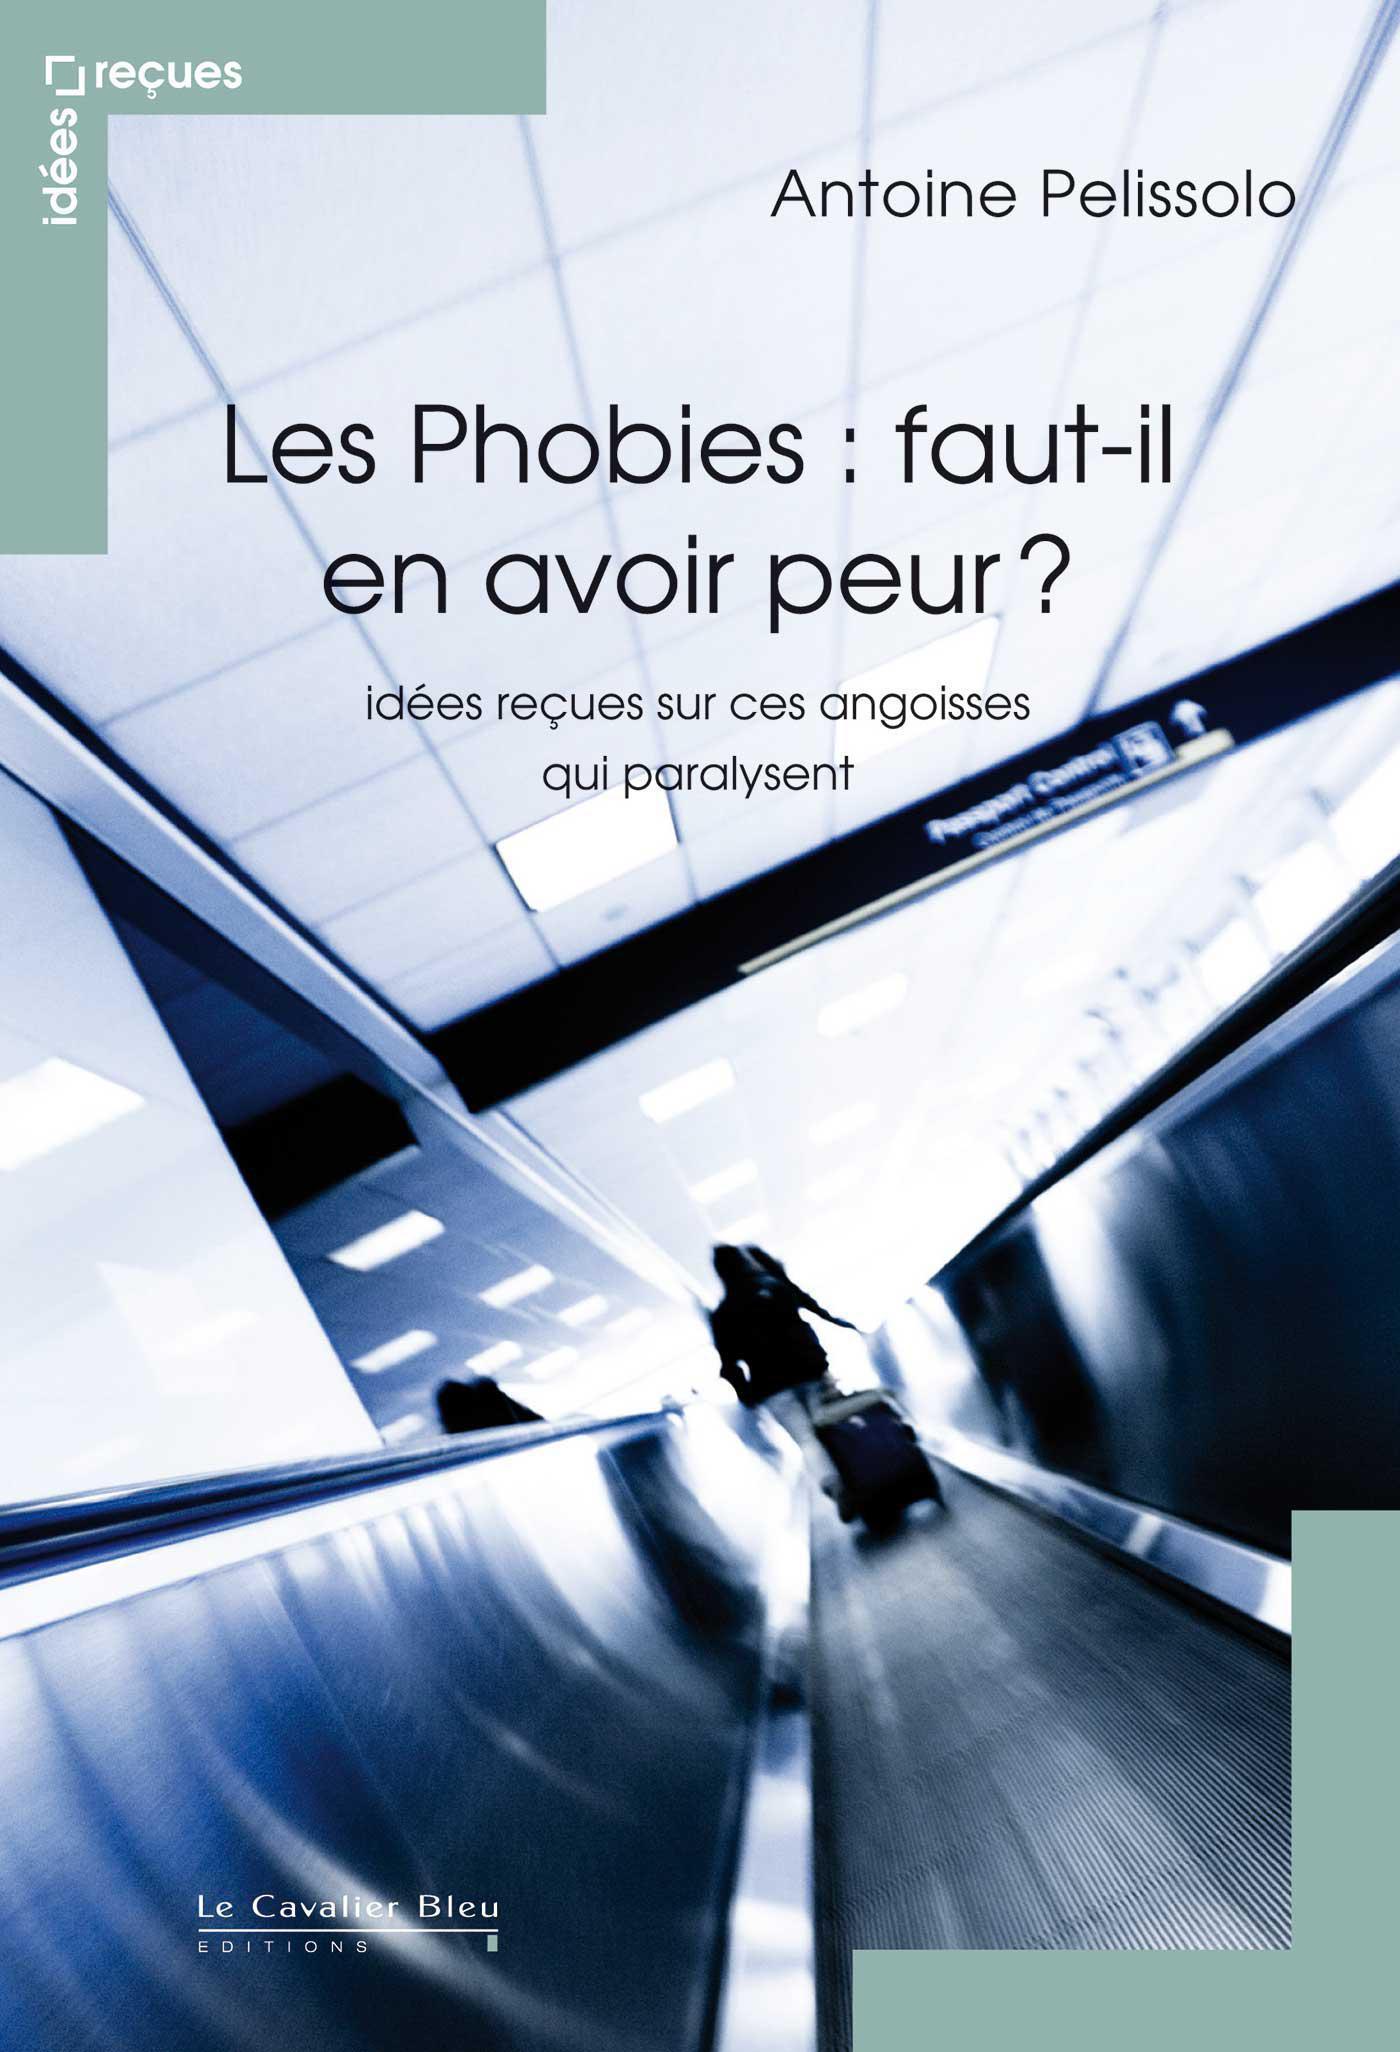 Les Phobies, faut-il en avoir peur ?